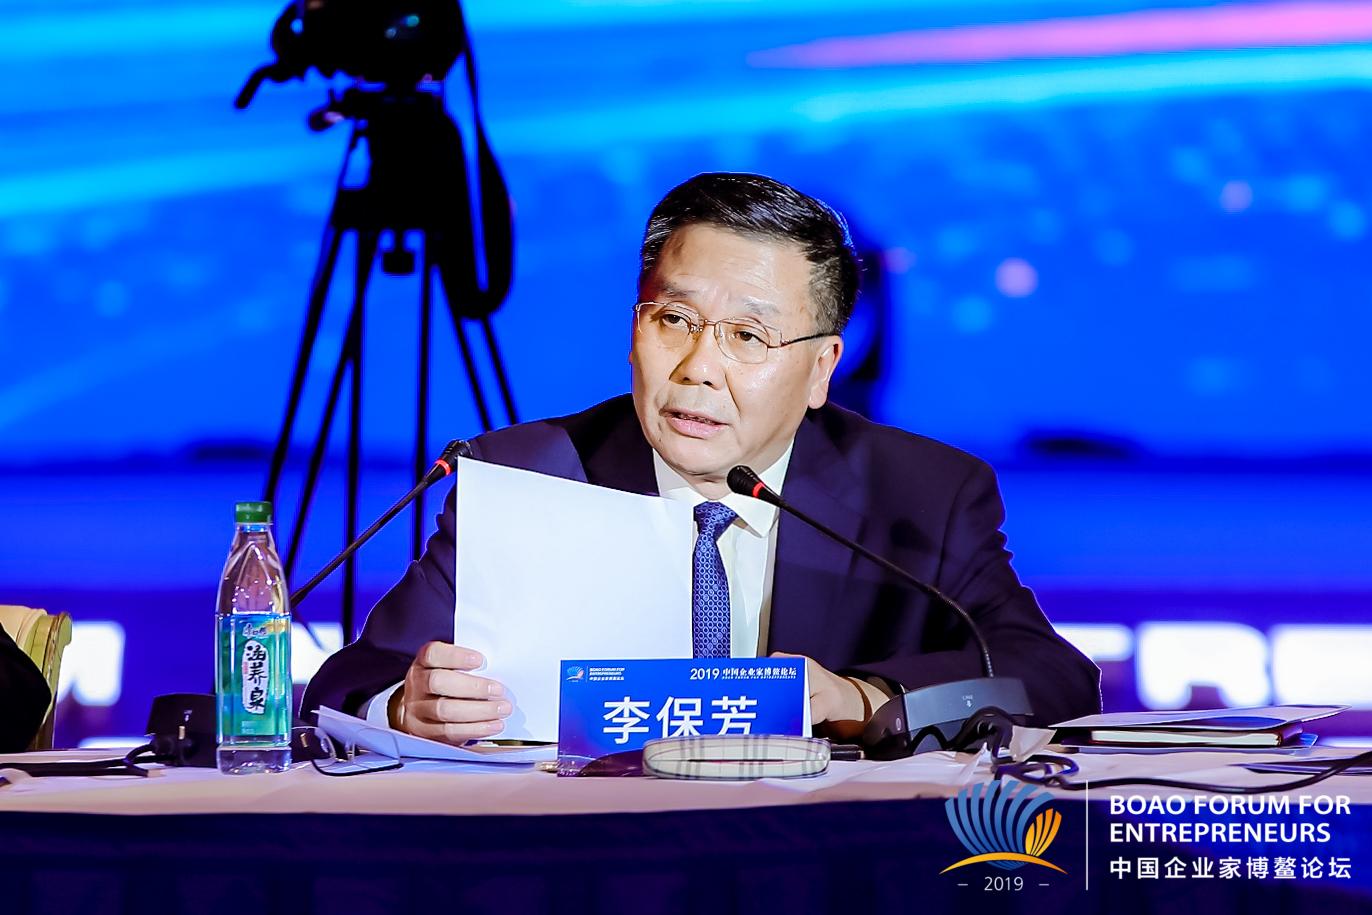 茅台集团党委书记、董事长李保芳发言